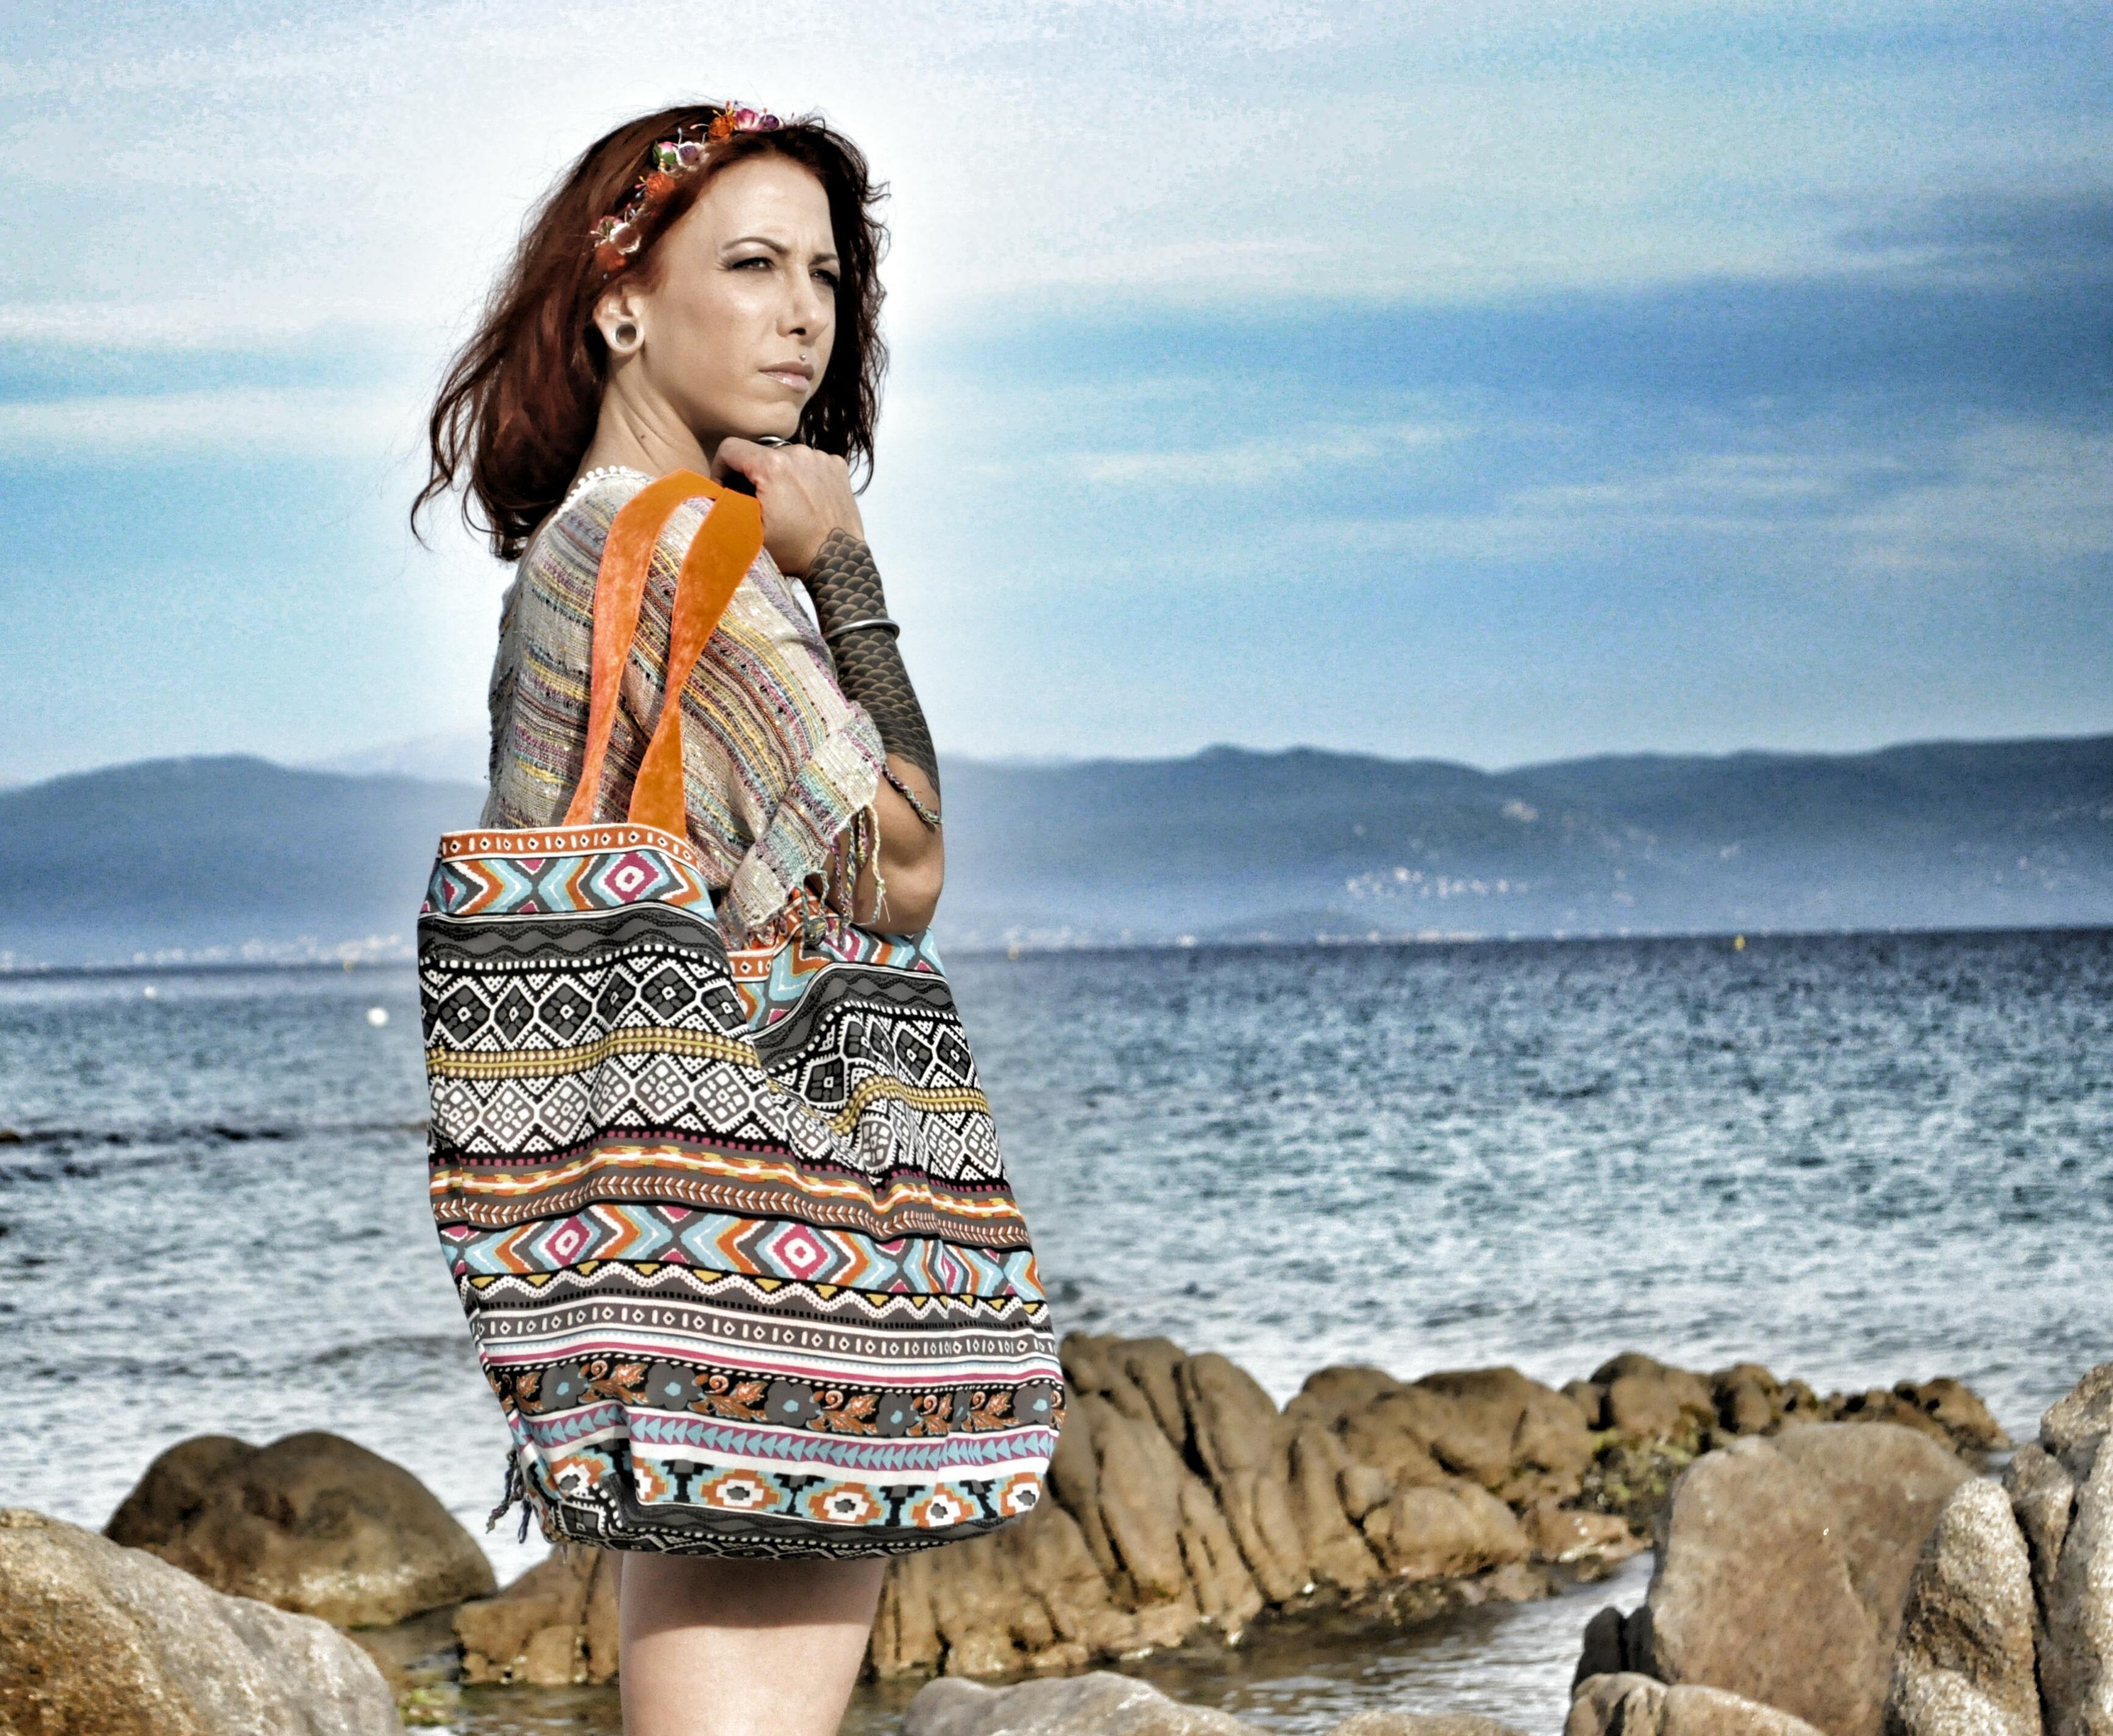 9b4a6d26312e8 plaj deniz kız kadın fotoğrafçılık kadın Model Bahar sırt çantası moda  Giyim sezon elbise güzellik Mod